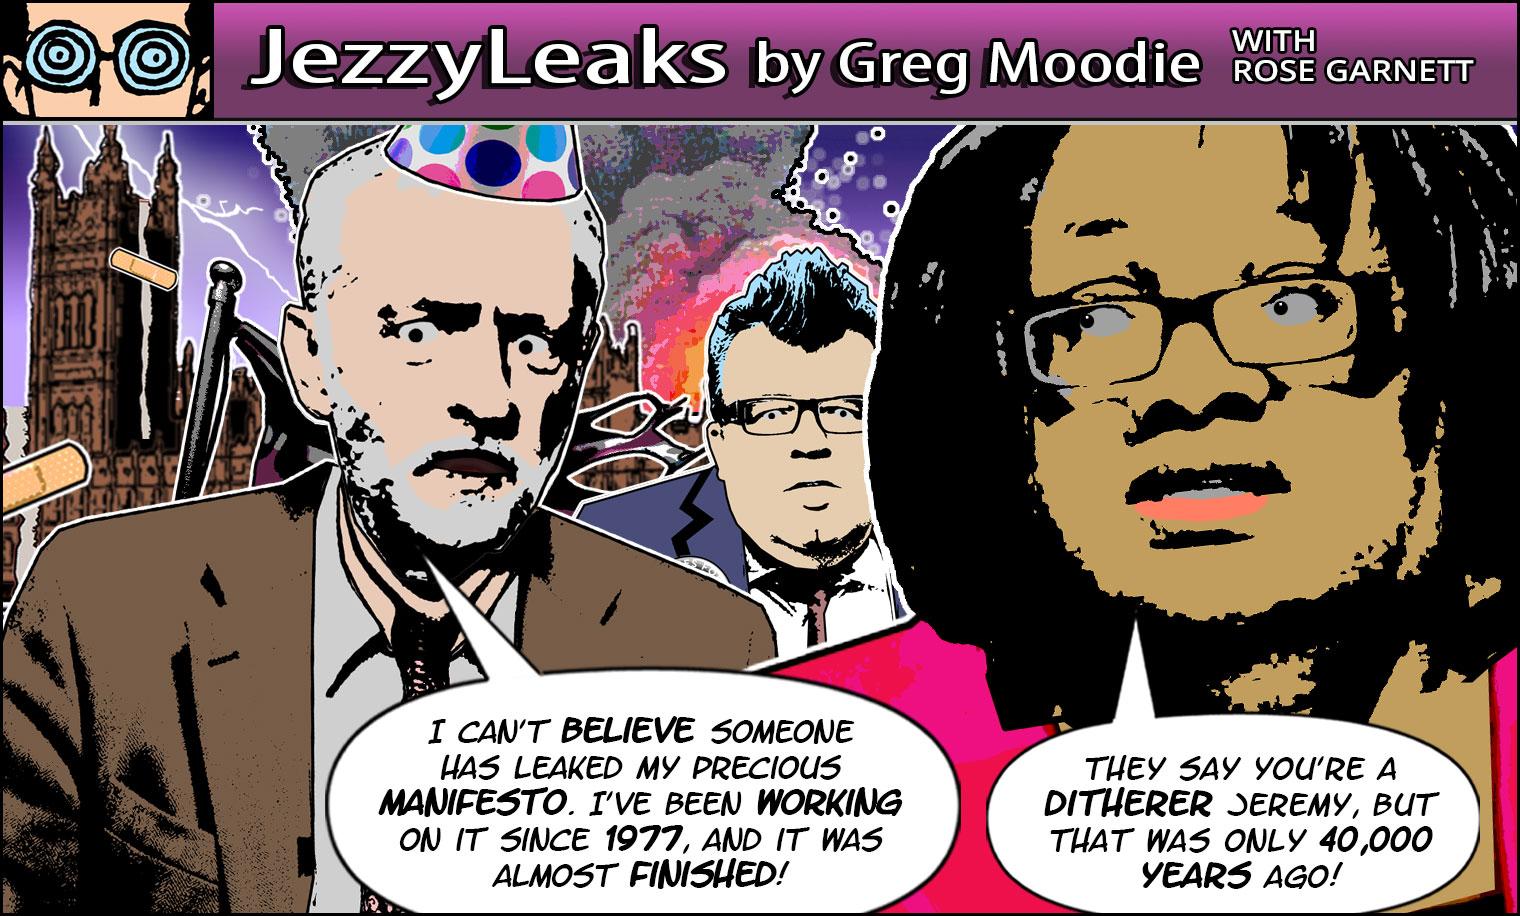 JezzyLeaks